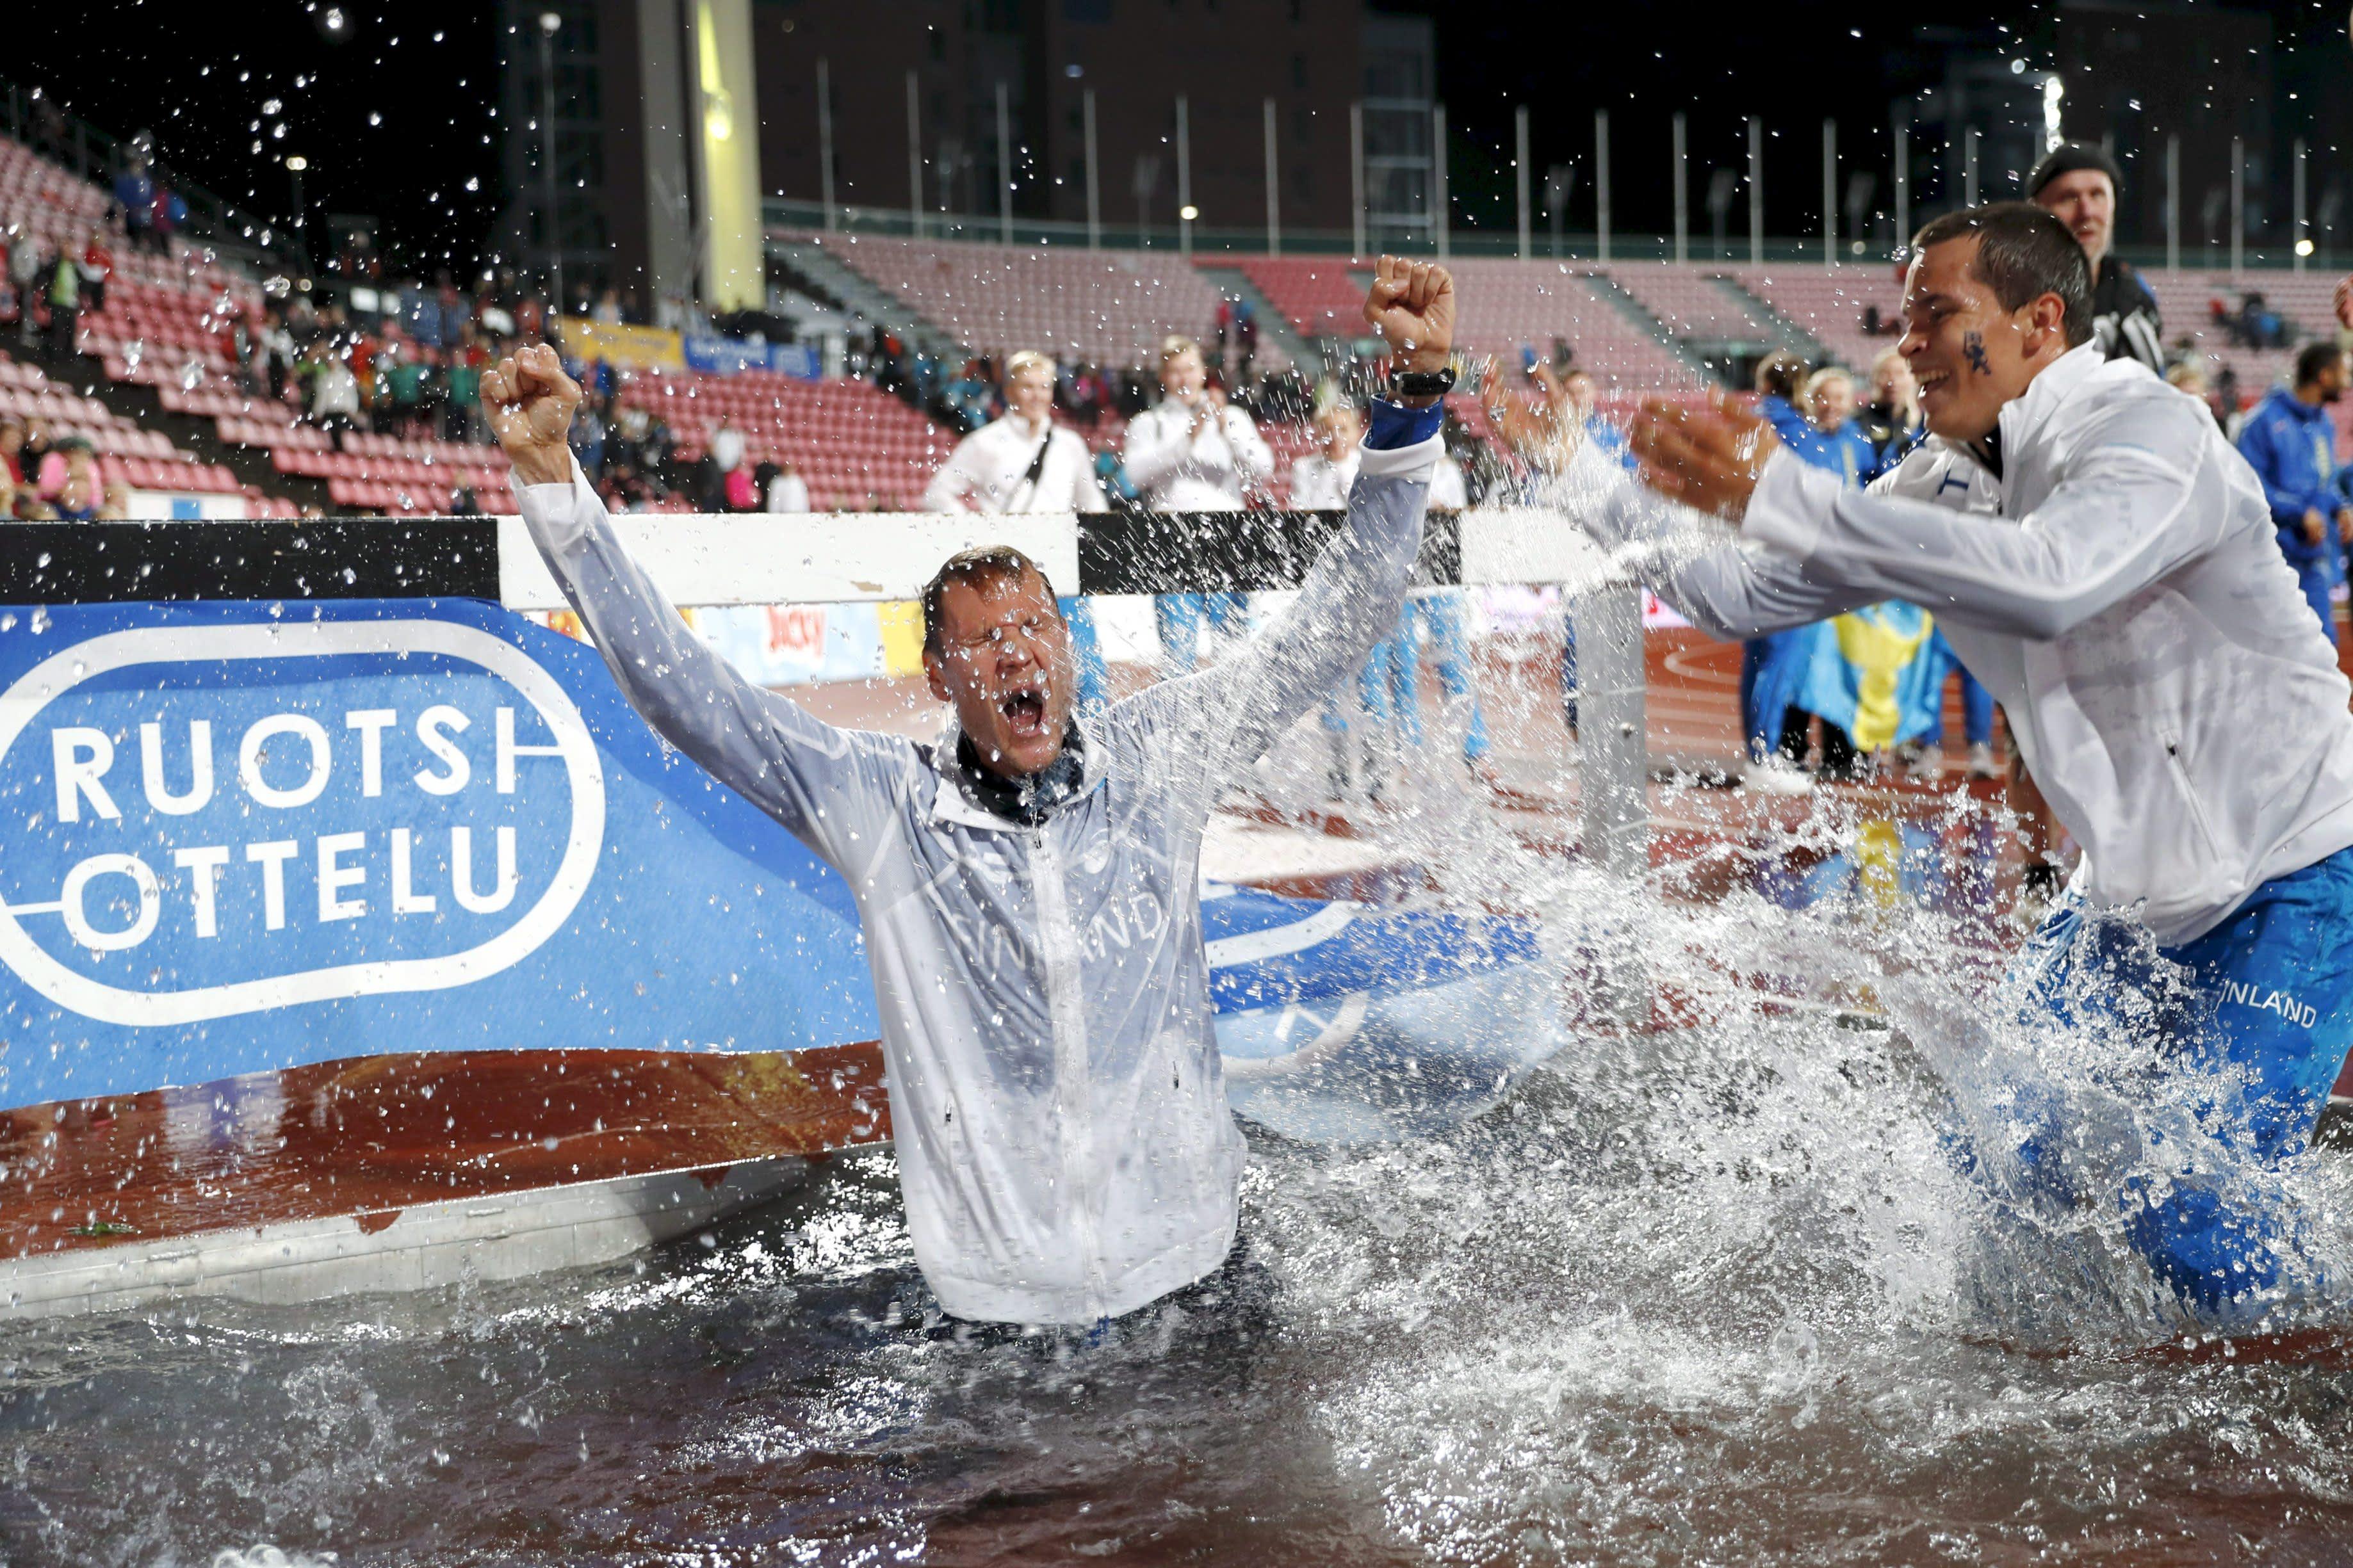 Suomen miehet juhlivat Ruotsi-ottelun voittoa vuonna 2018, kun maaottelu järjestetiin viimeksi Tampereella.